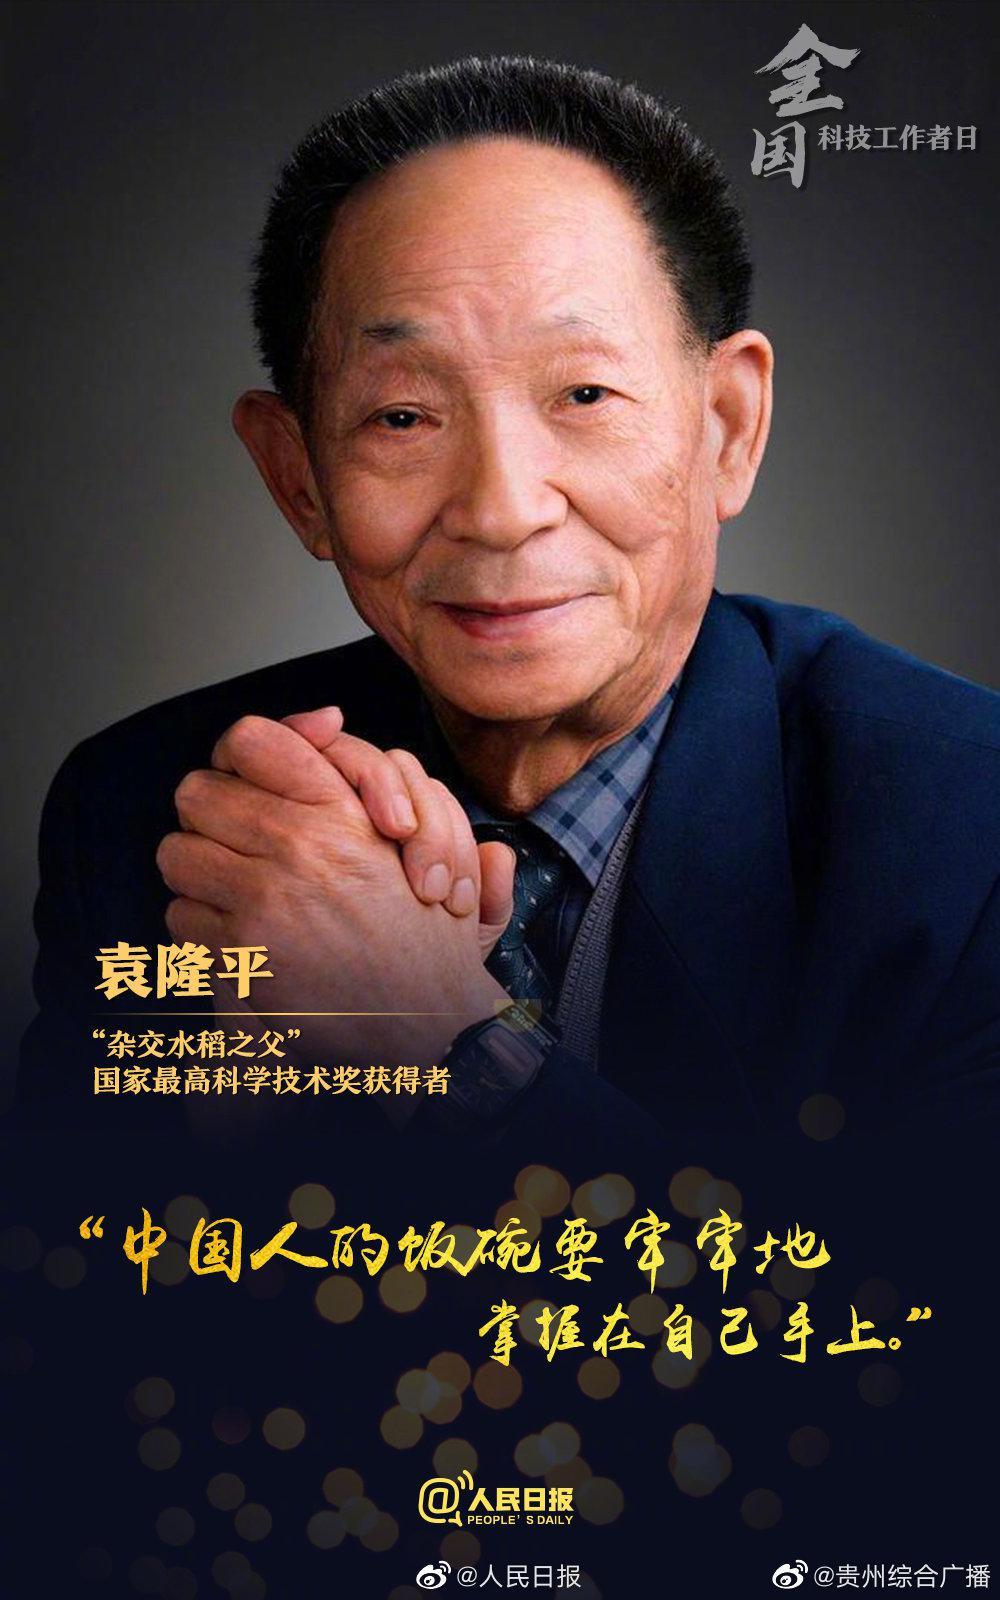 今天,发条微博,致敬中国科技工作者